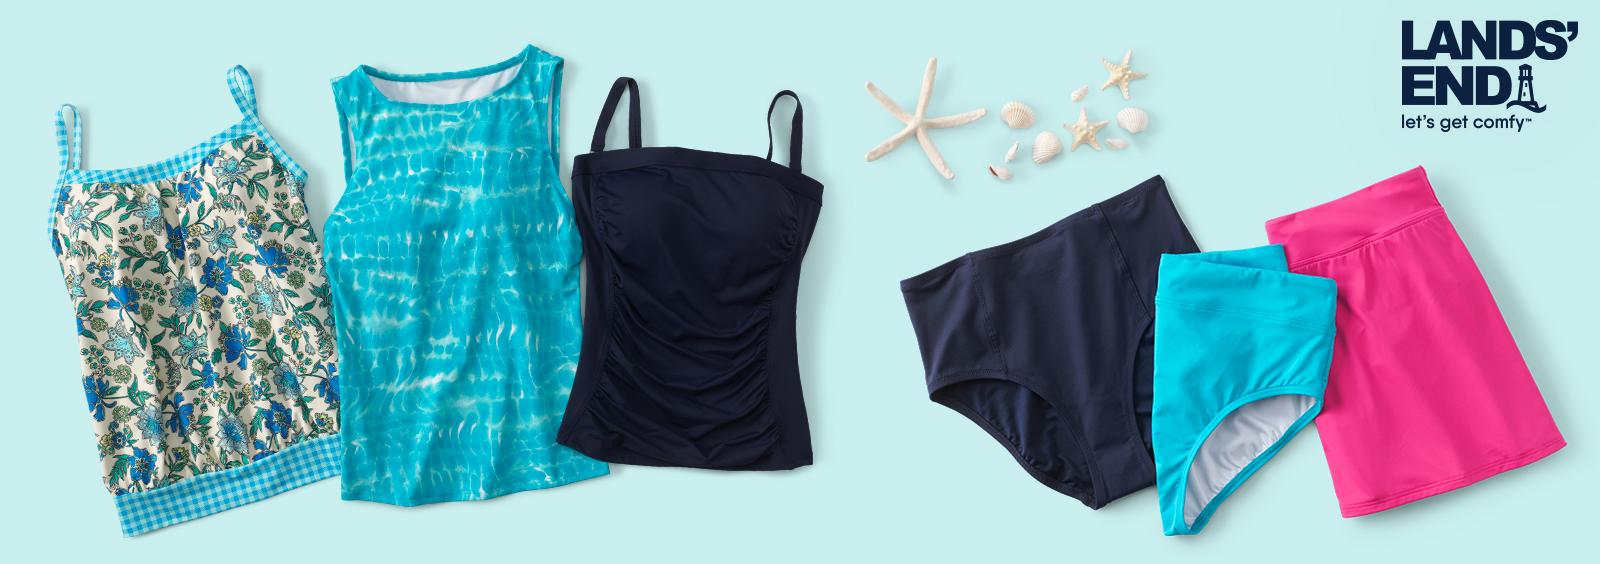 Best Active Swimwear for Women 40, 50, 60+